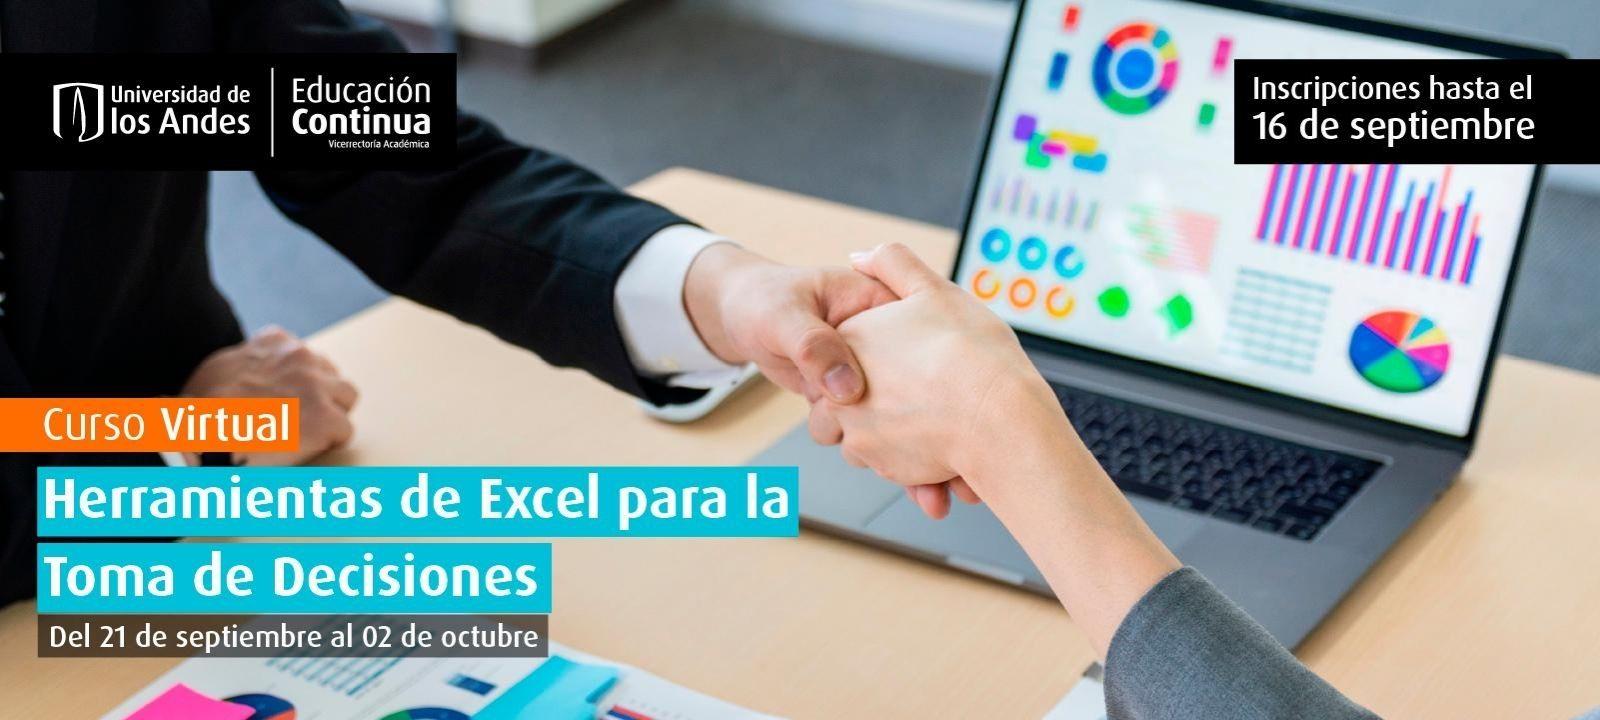 Curso virtual - Herramientas de Excel para la Toma de Decisiones